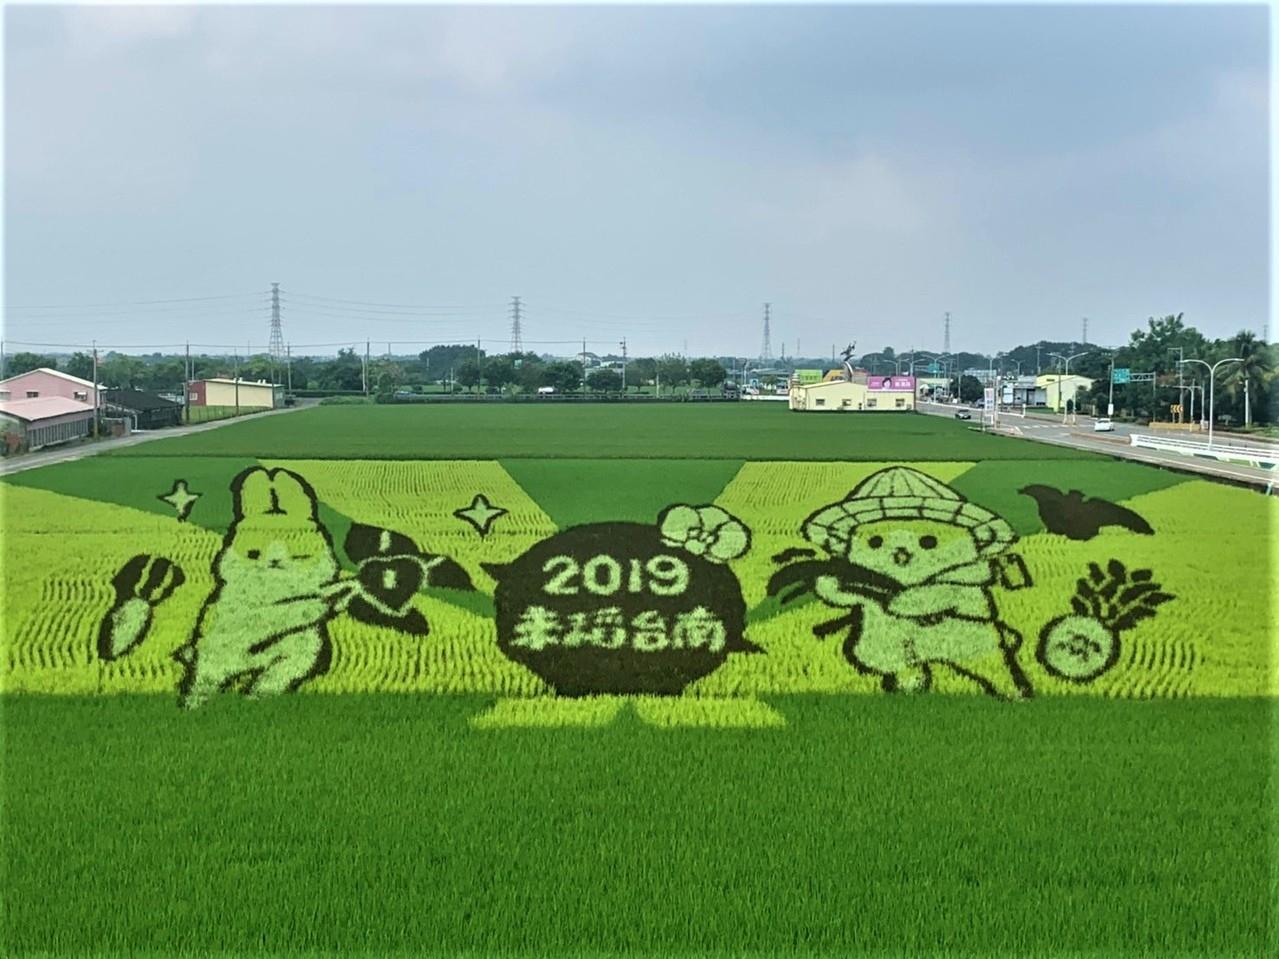 台南六甲稻田彩繪「ㄇㄚˊ幾兔」採用3D圖,從高處往下看相當清楚及療癒。圖/記者吳淑玲攝影